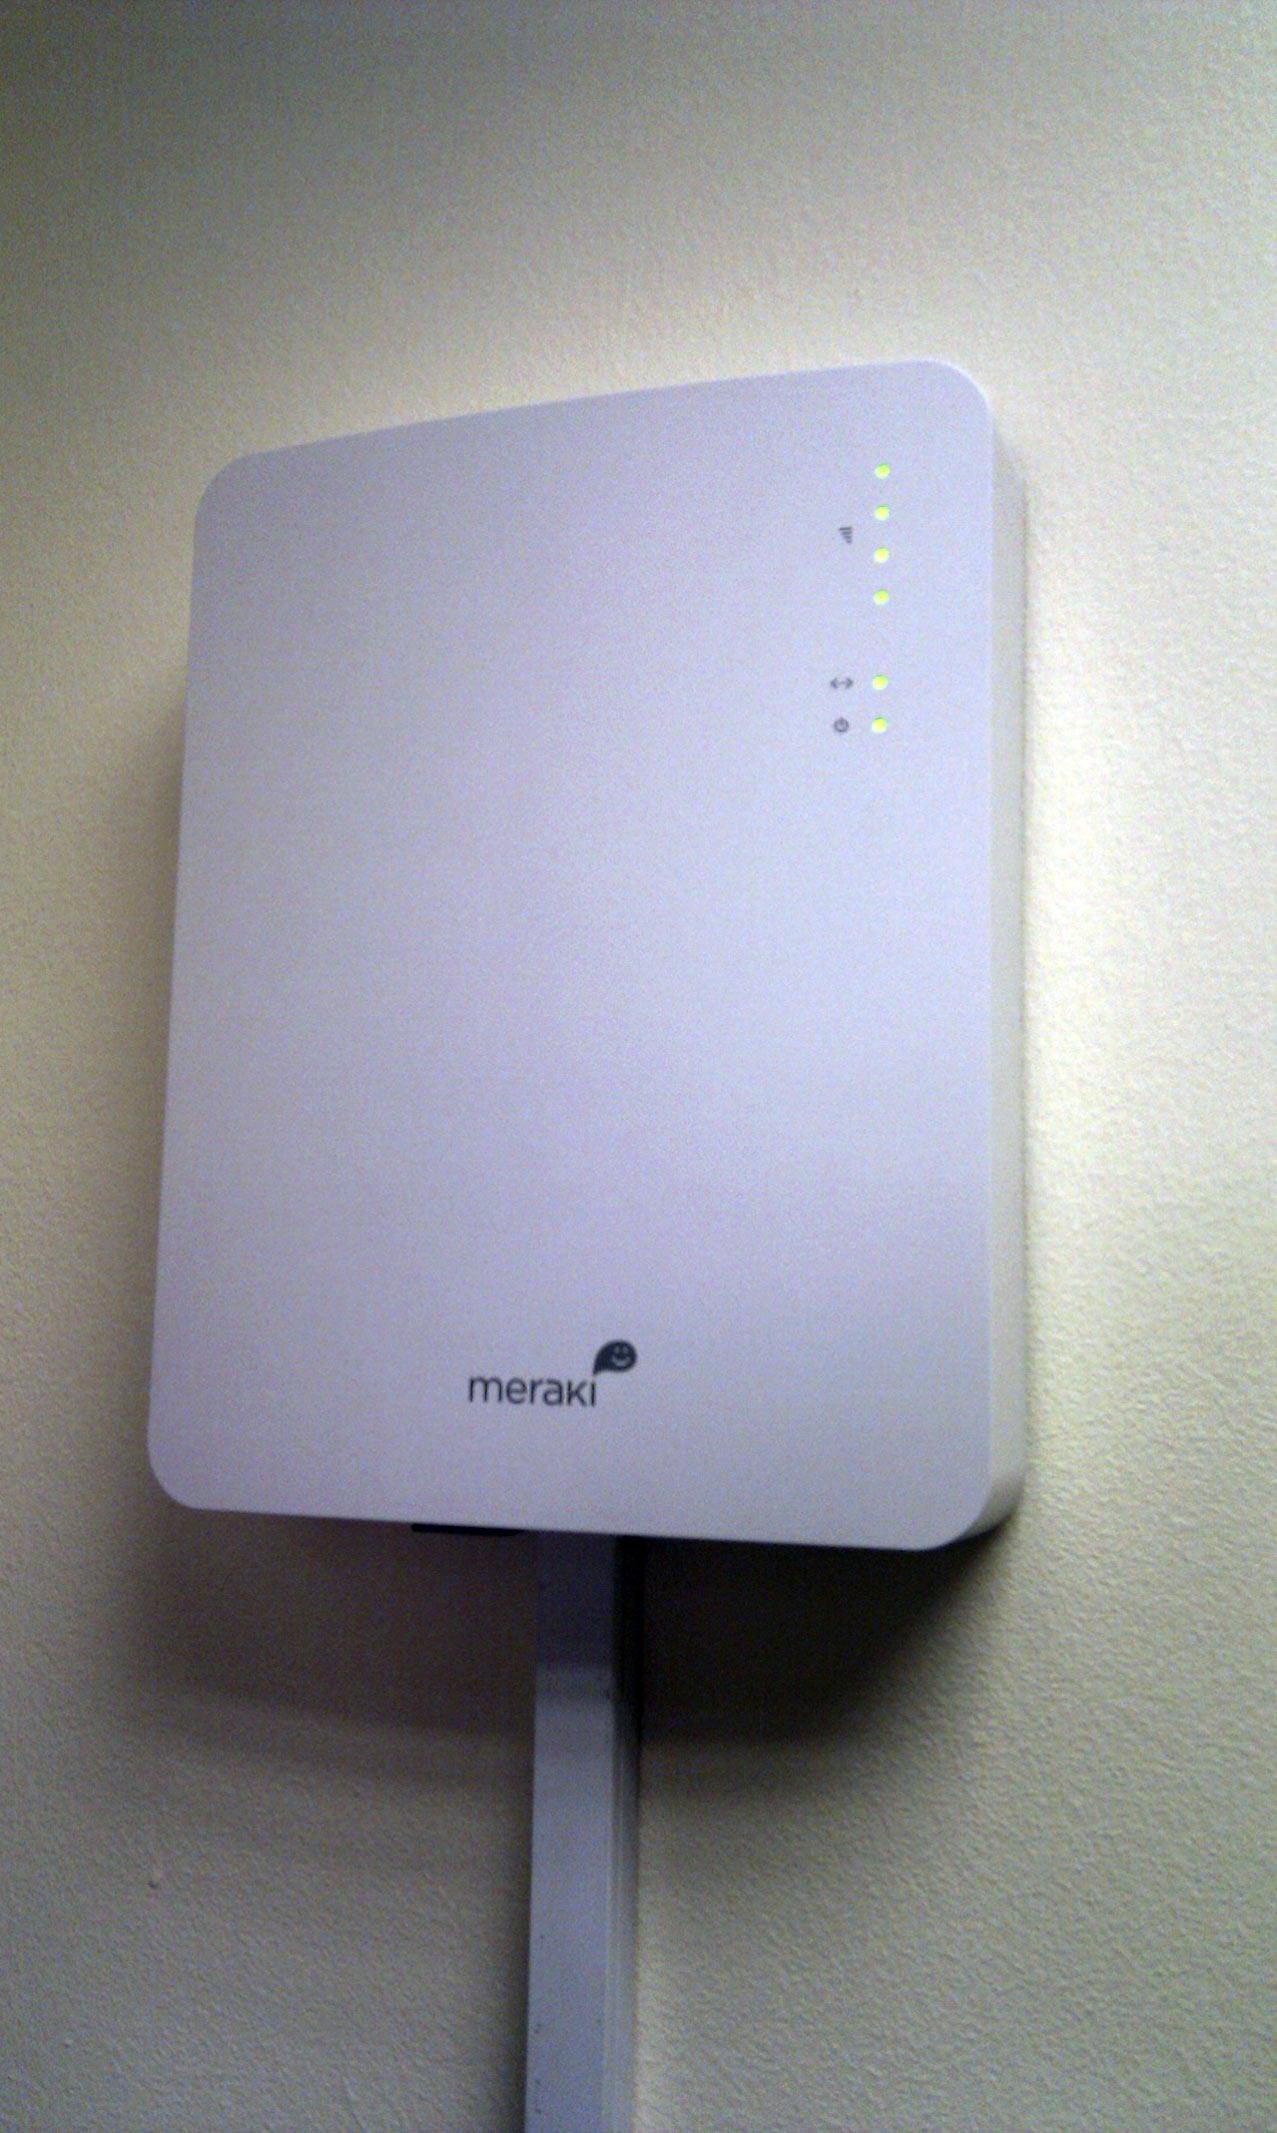 Meraki-MR11-Access-Point